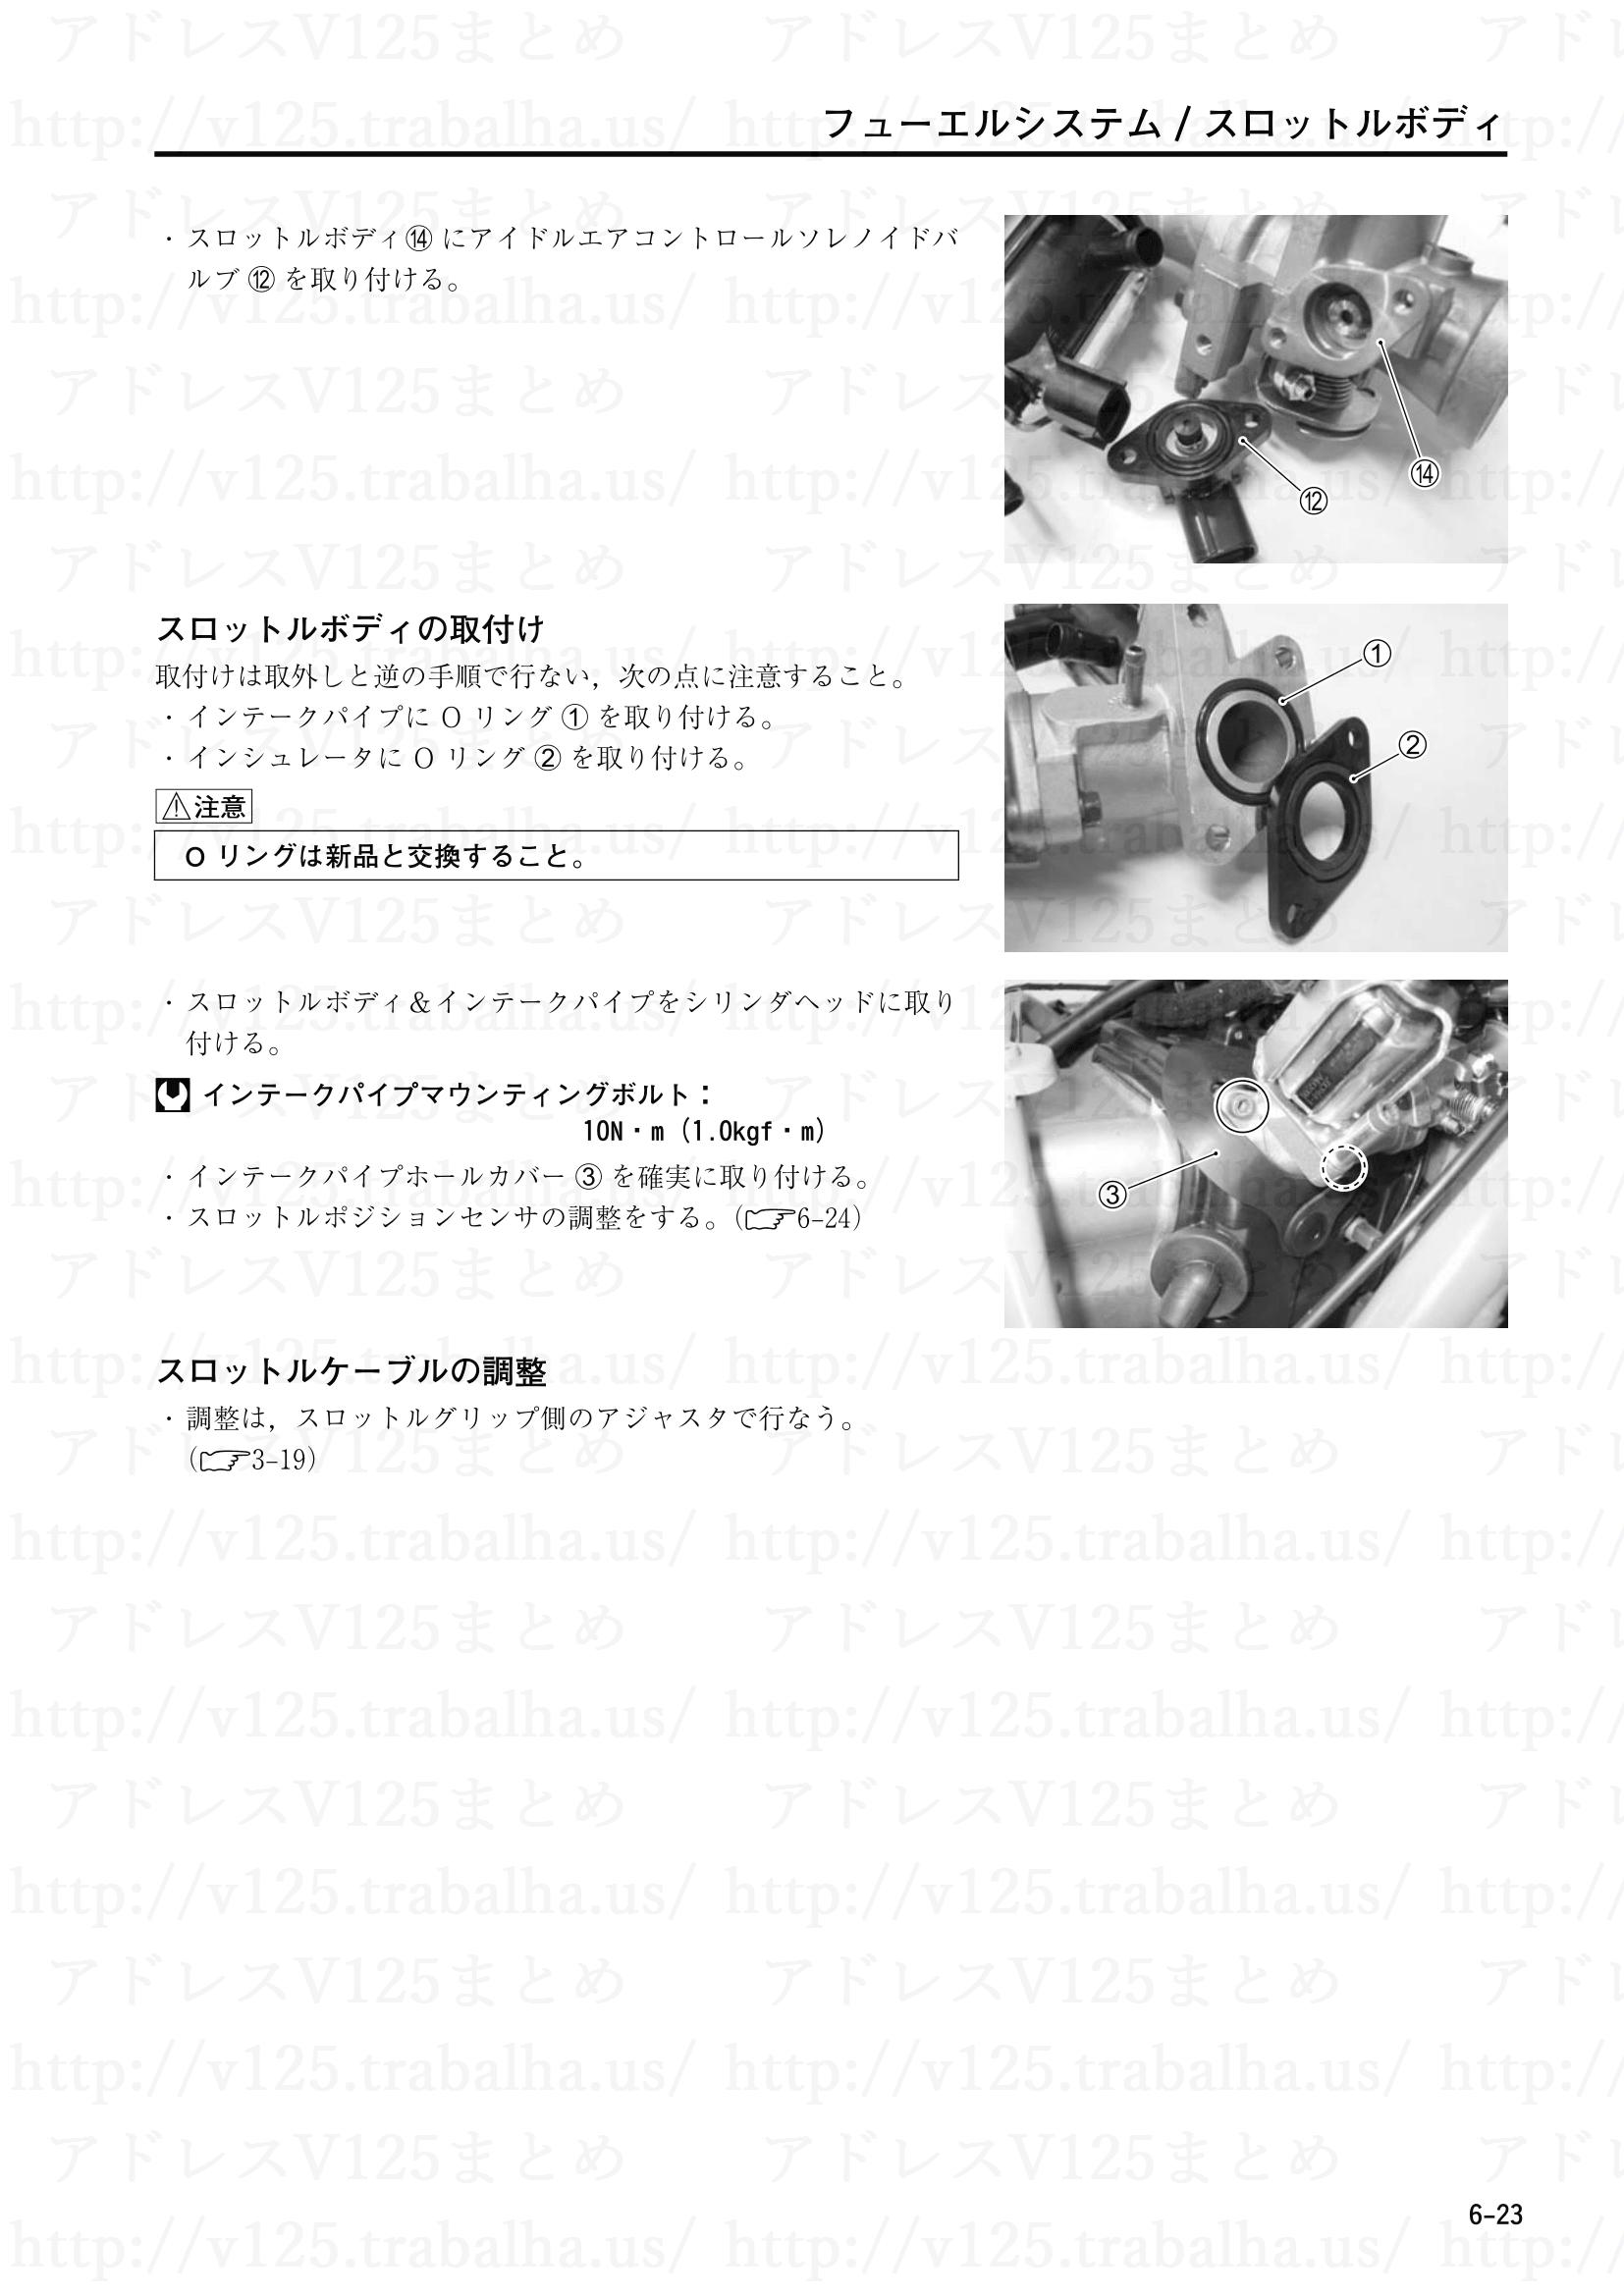 6-23【フューエルシステム/スロットルボディ】スロットルボディの取付け